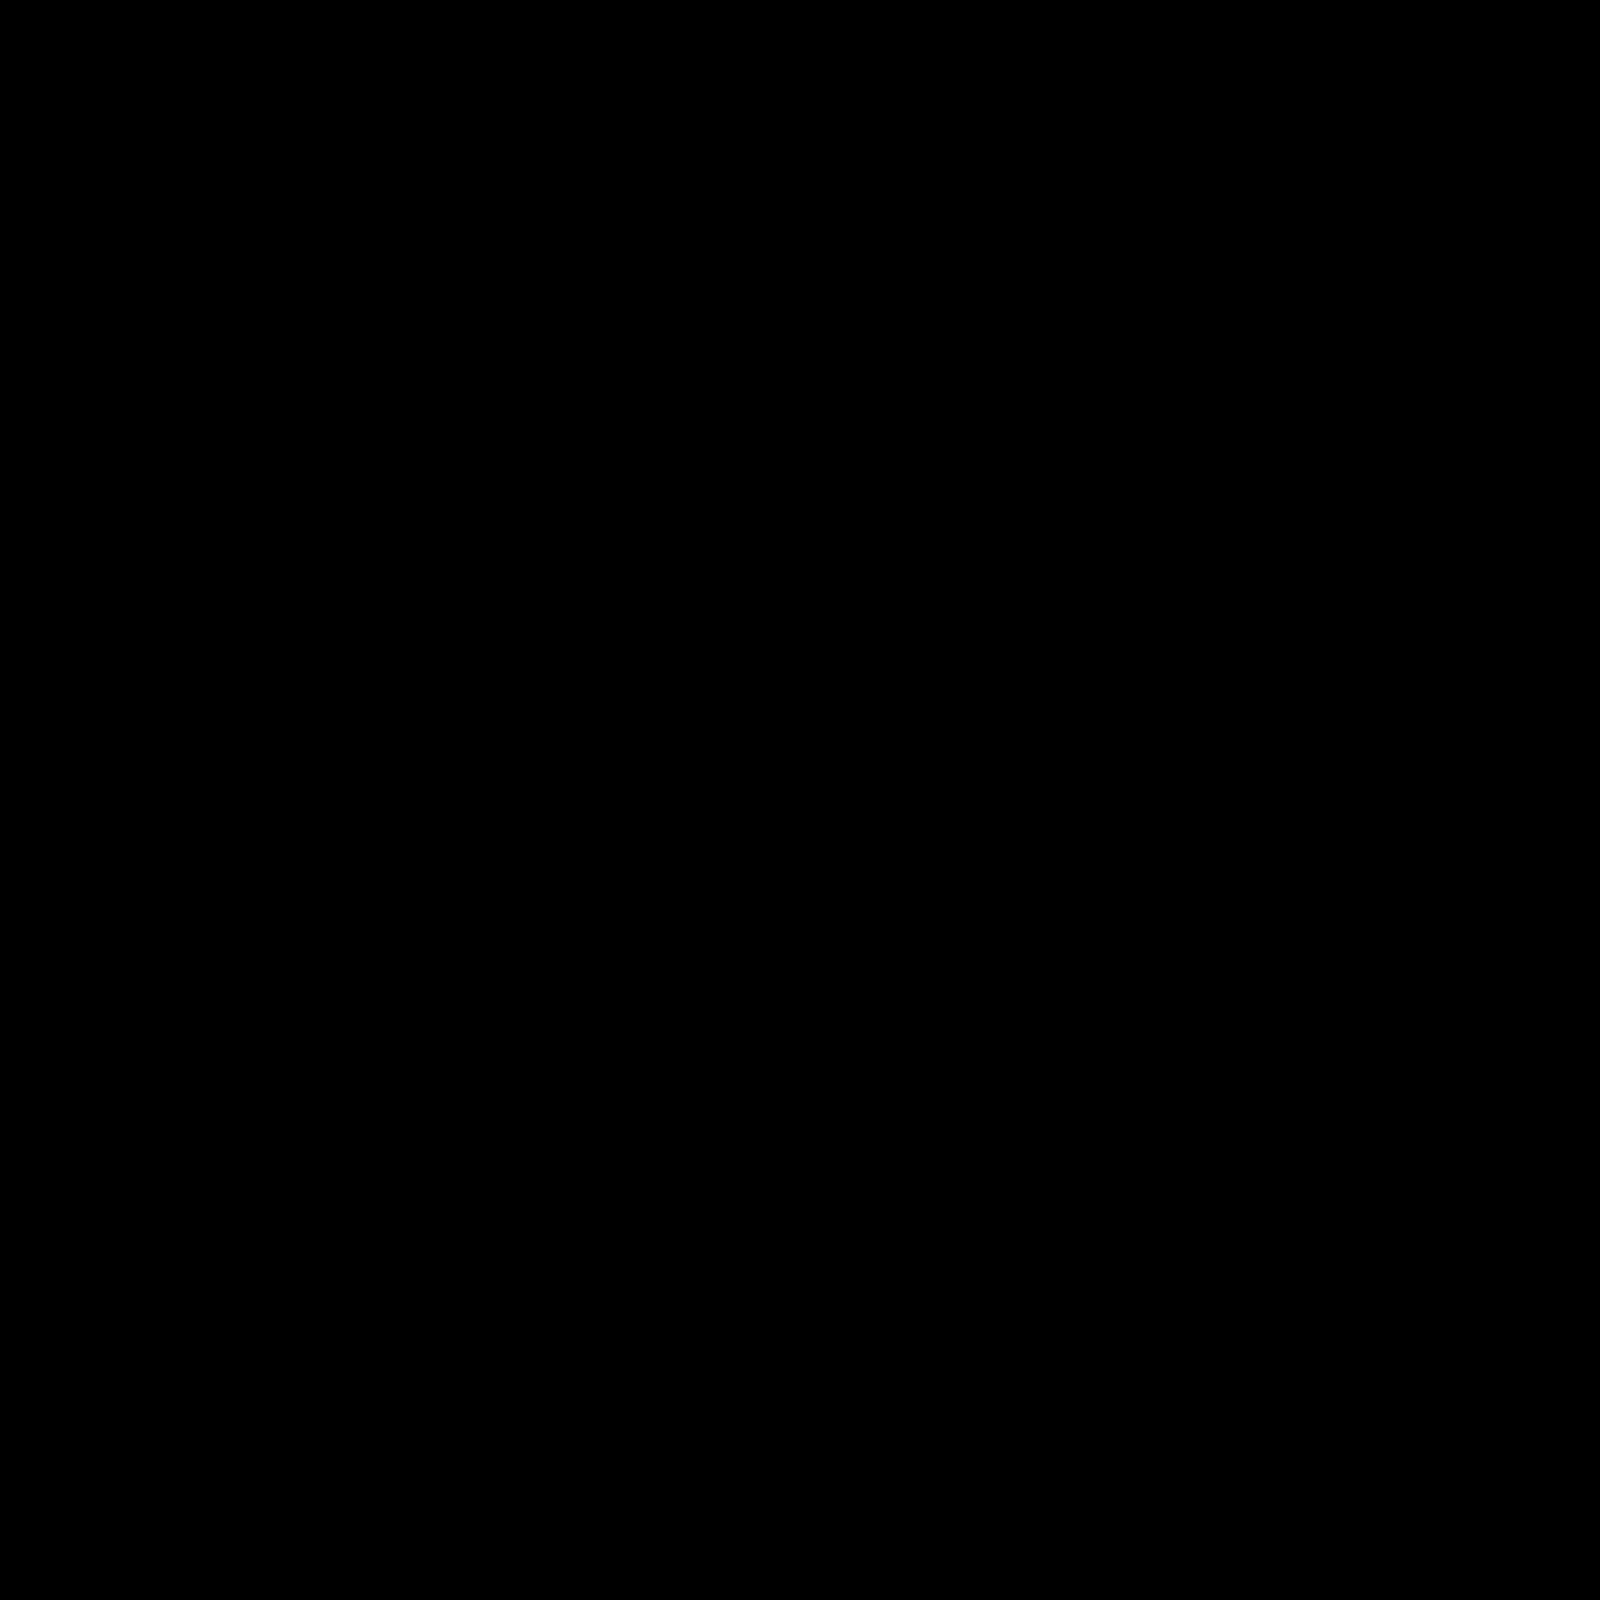 Pierwiastek kwadratowy 2 icon